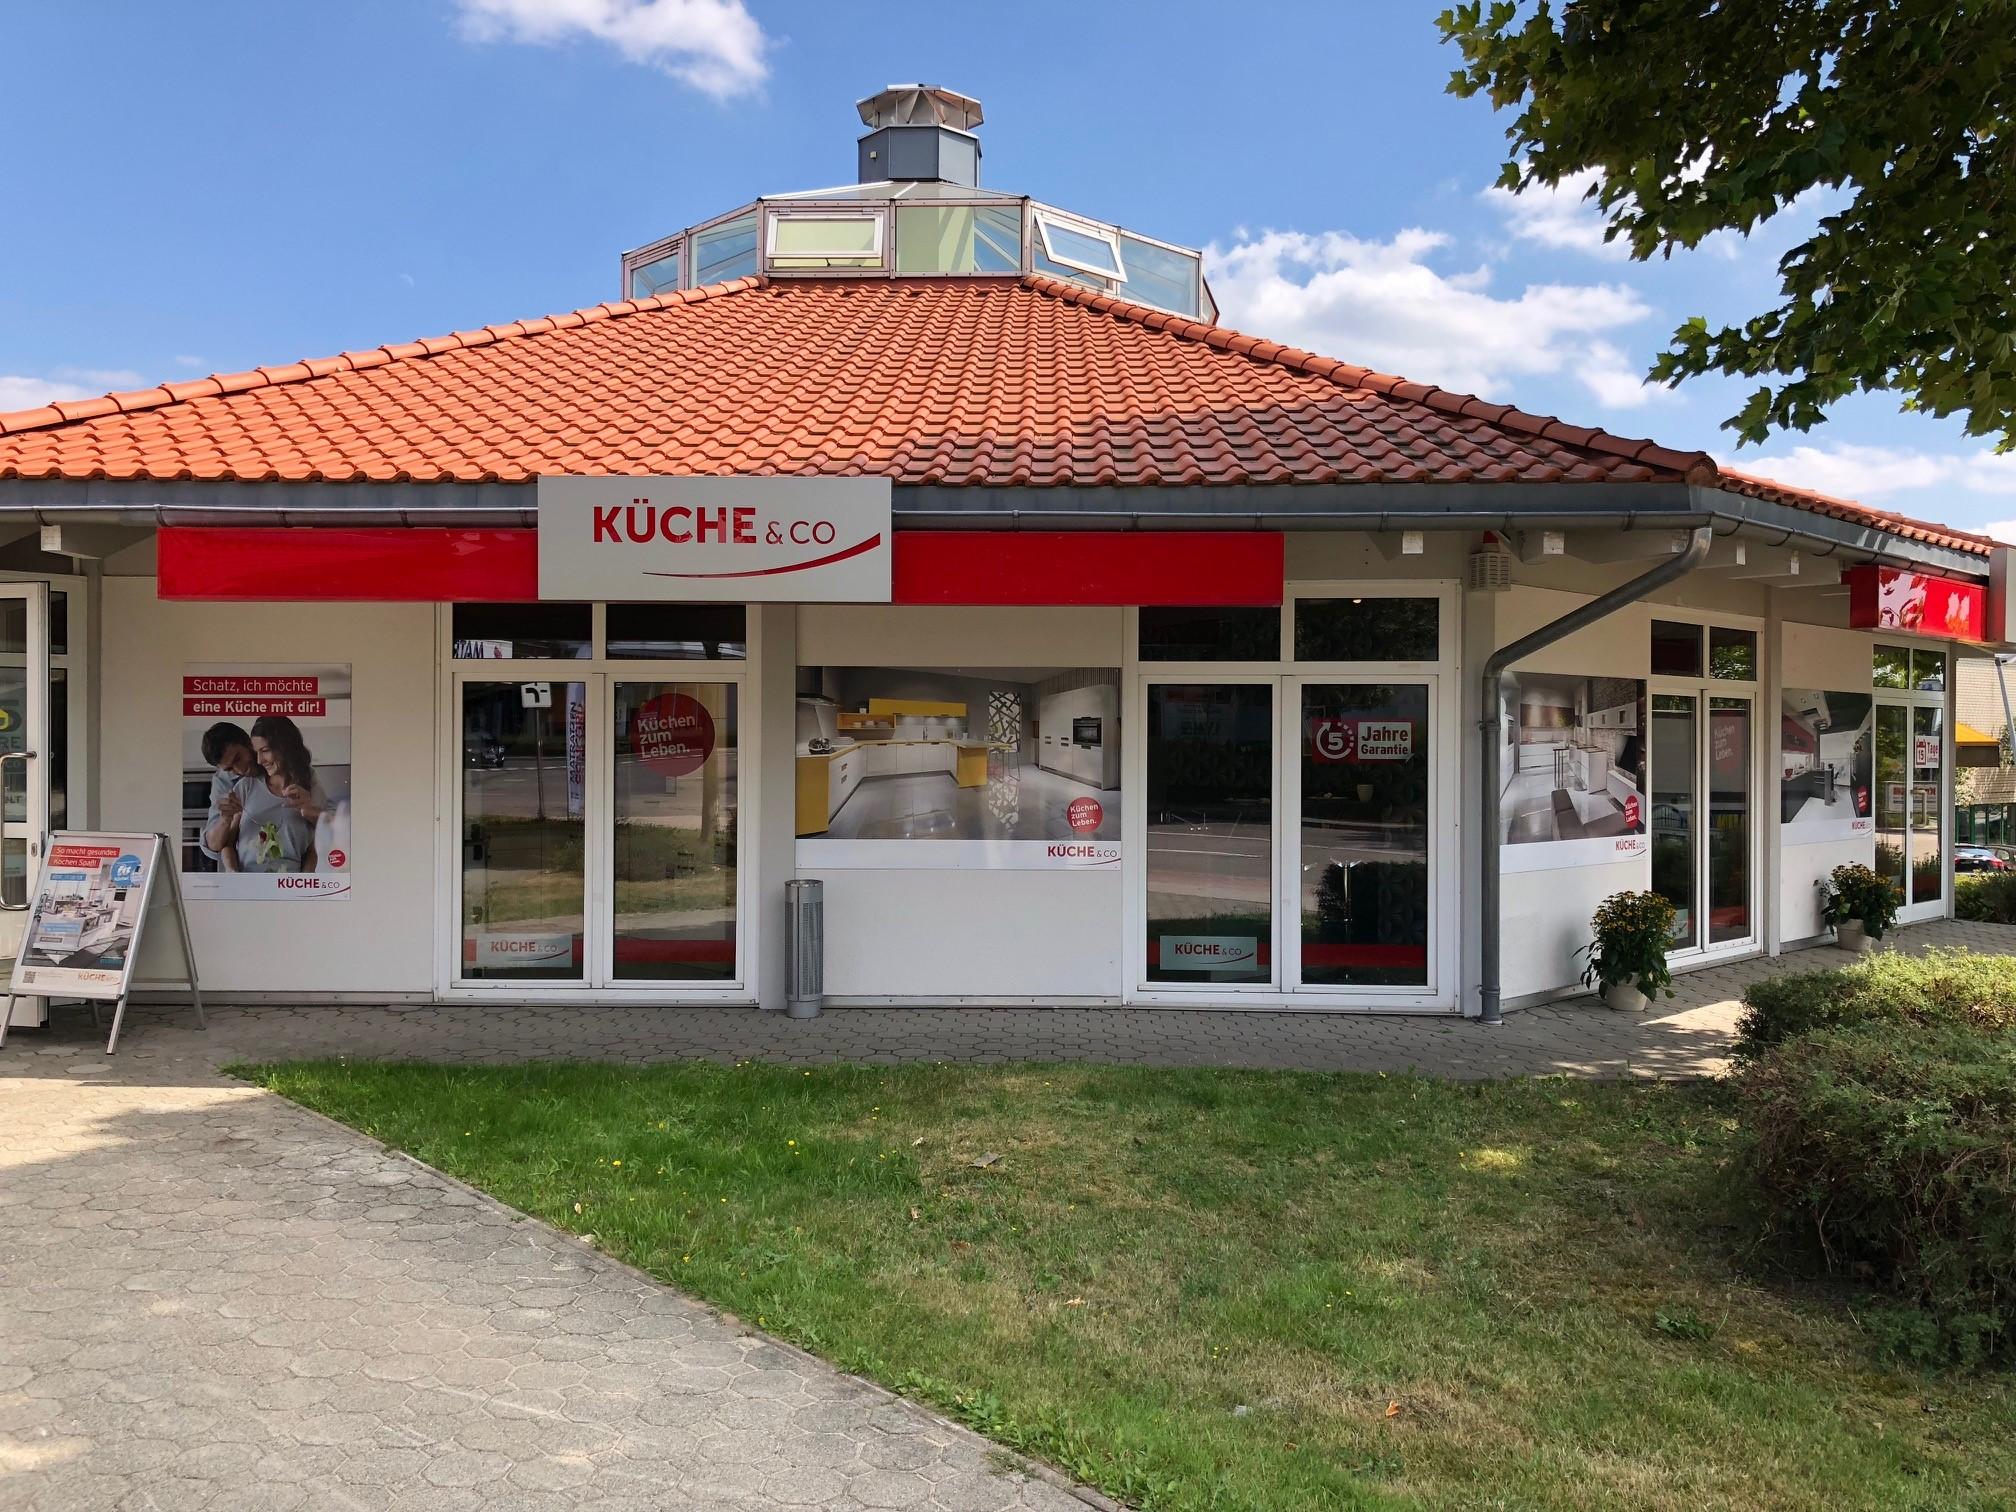 Küche&Co Chemnitz in 09247, Chemnitz